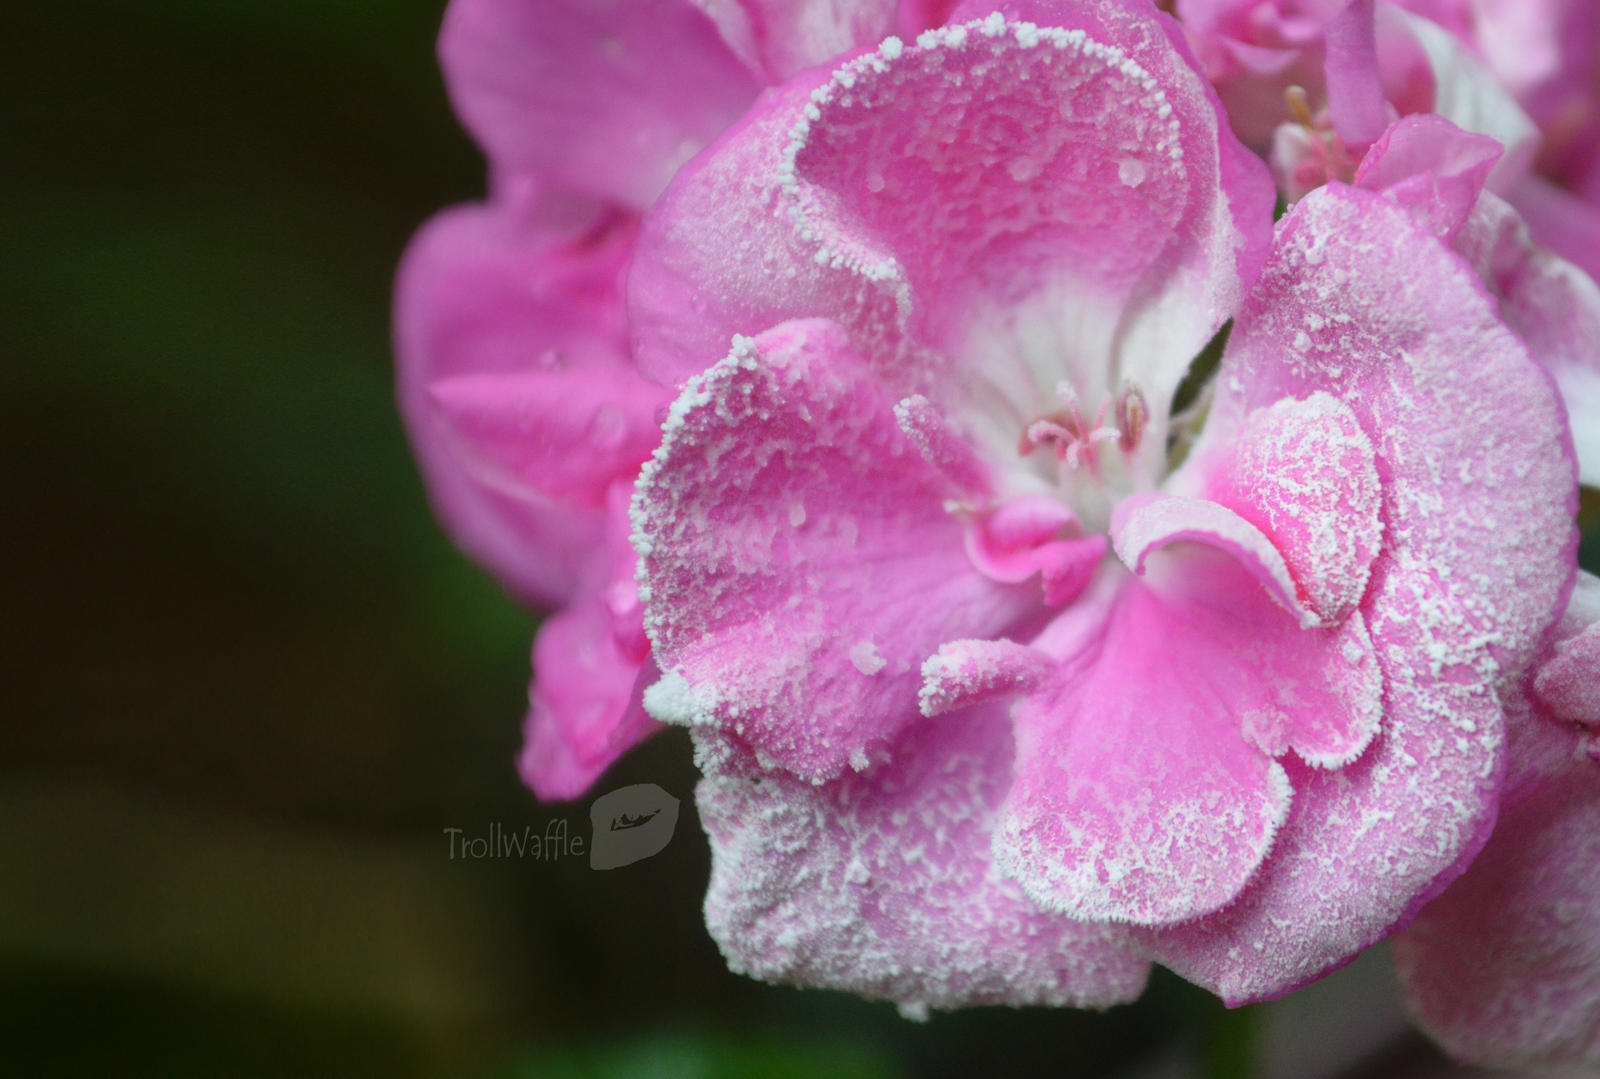 Frozen flower in summer by trollwaffle